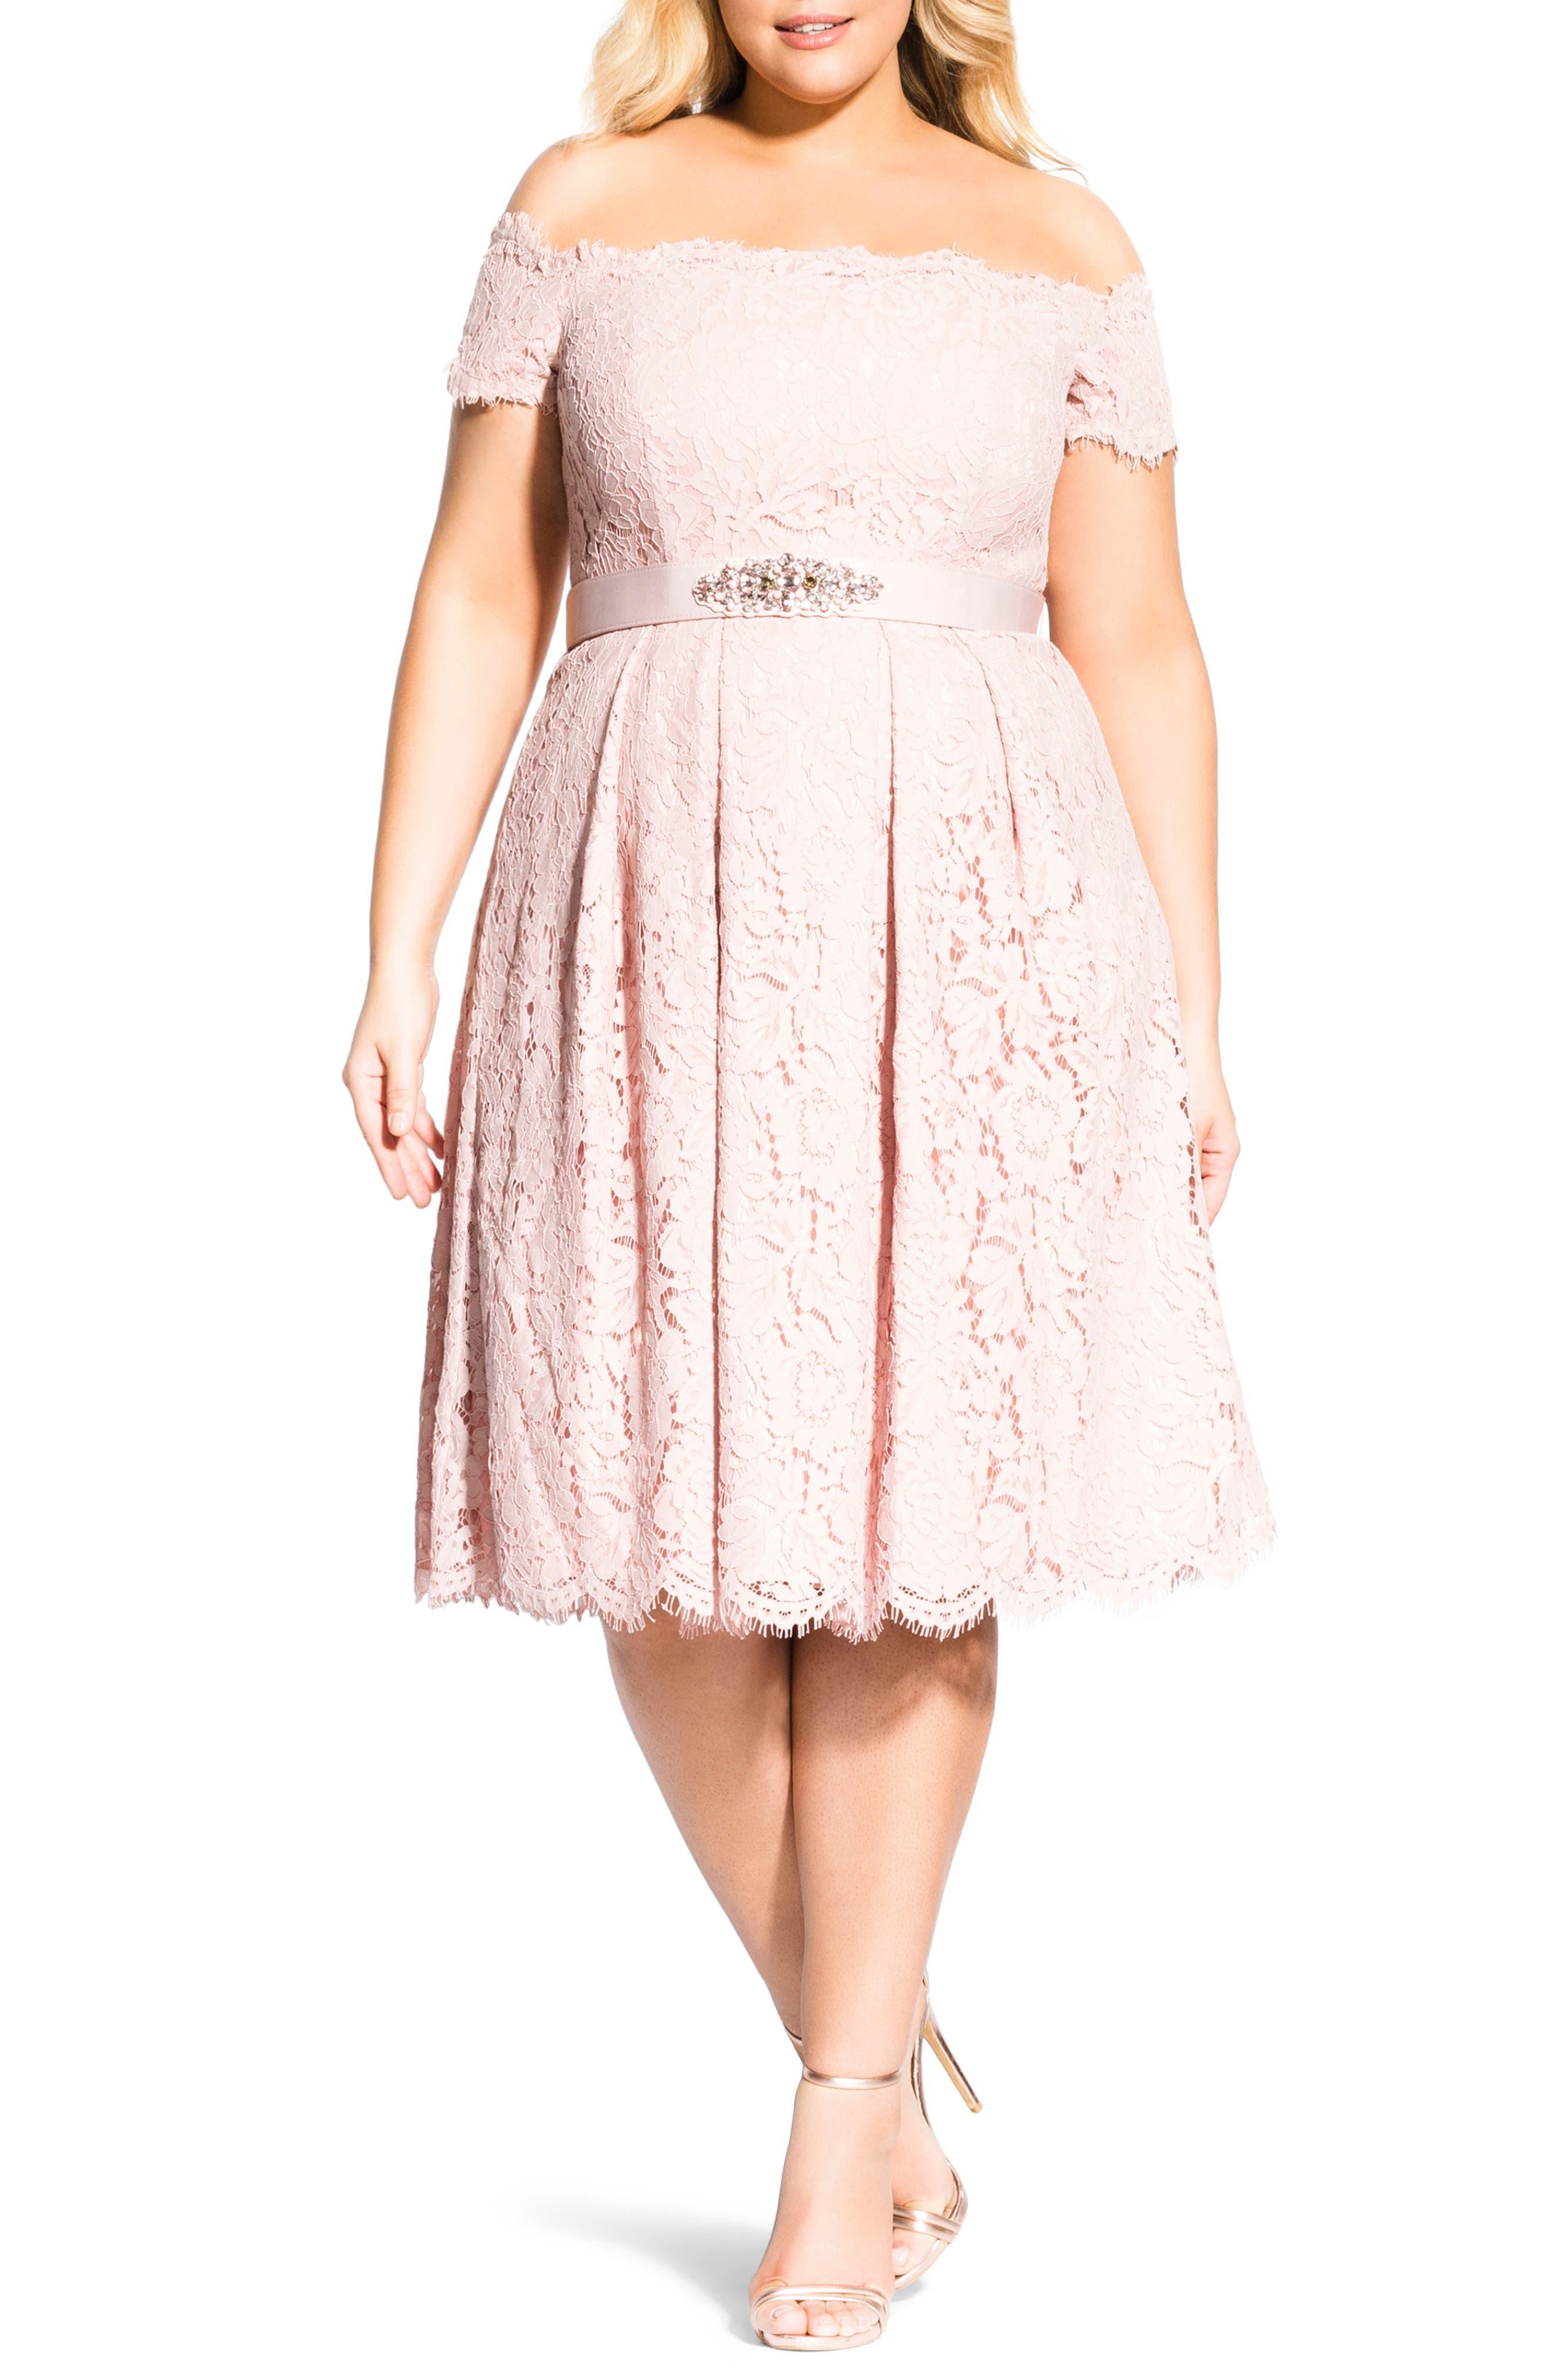 Plus Size City Chic Off The Shoulder Lace Dreams Dress, Pink